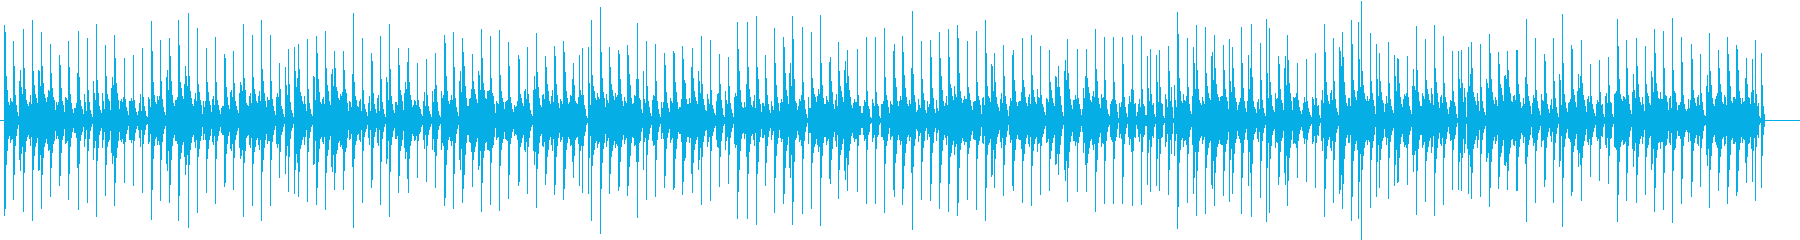 2 リズムゲーム風 陽気なバンジョーでの再生済みの波形